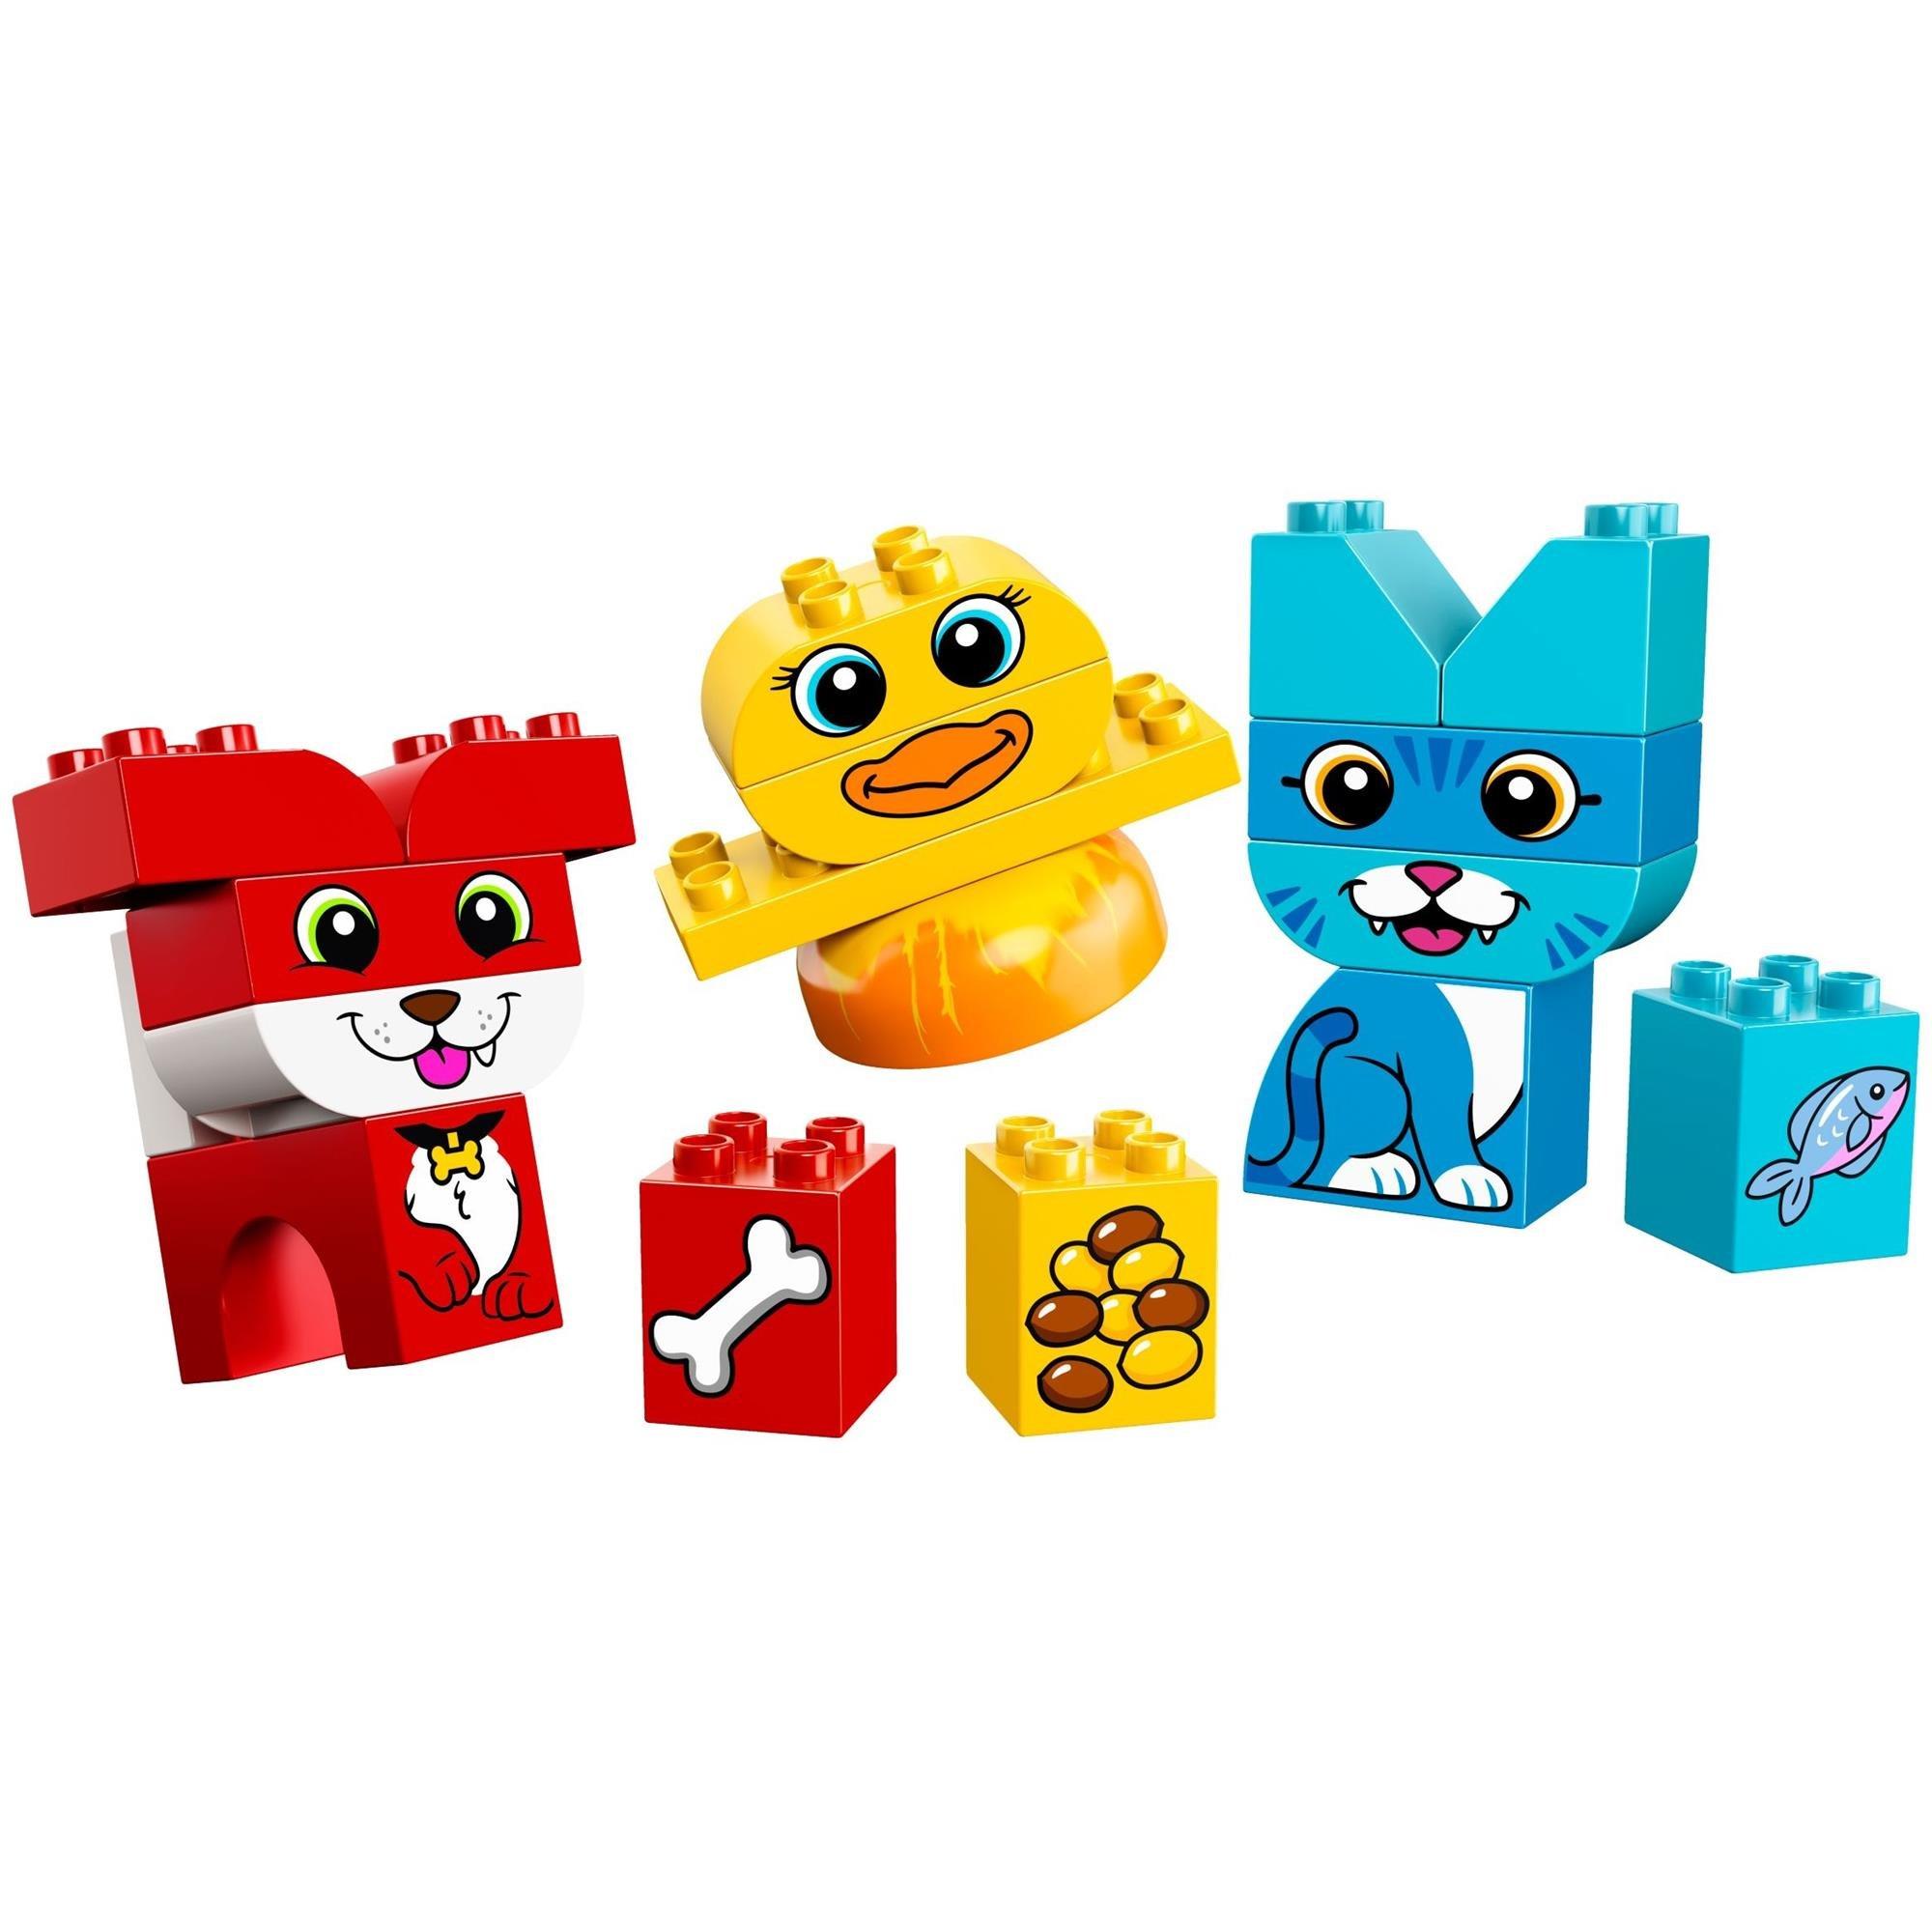 LEGO - Bộ Thú Cưng Đầu Tiên Của Bé - 10858